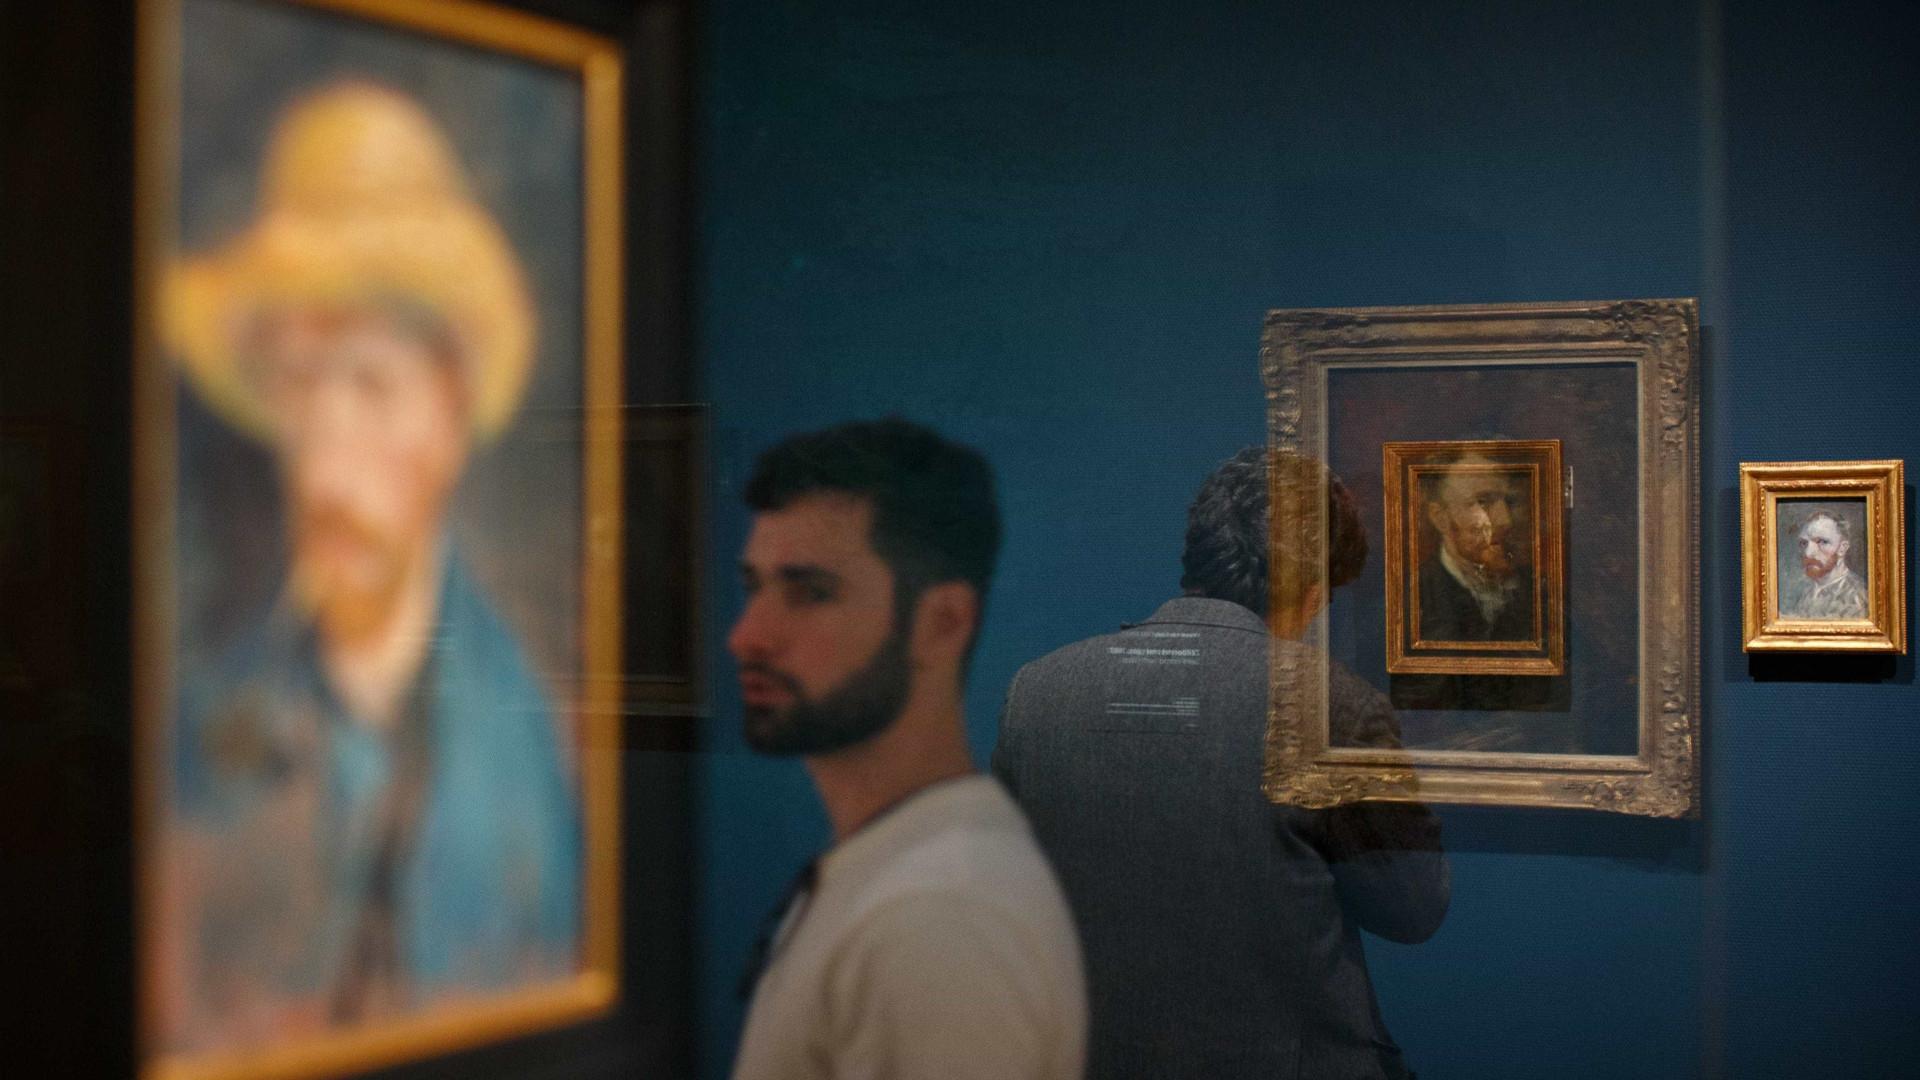 Agora você pode baixar quase mil obras de Van Gogh de graça